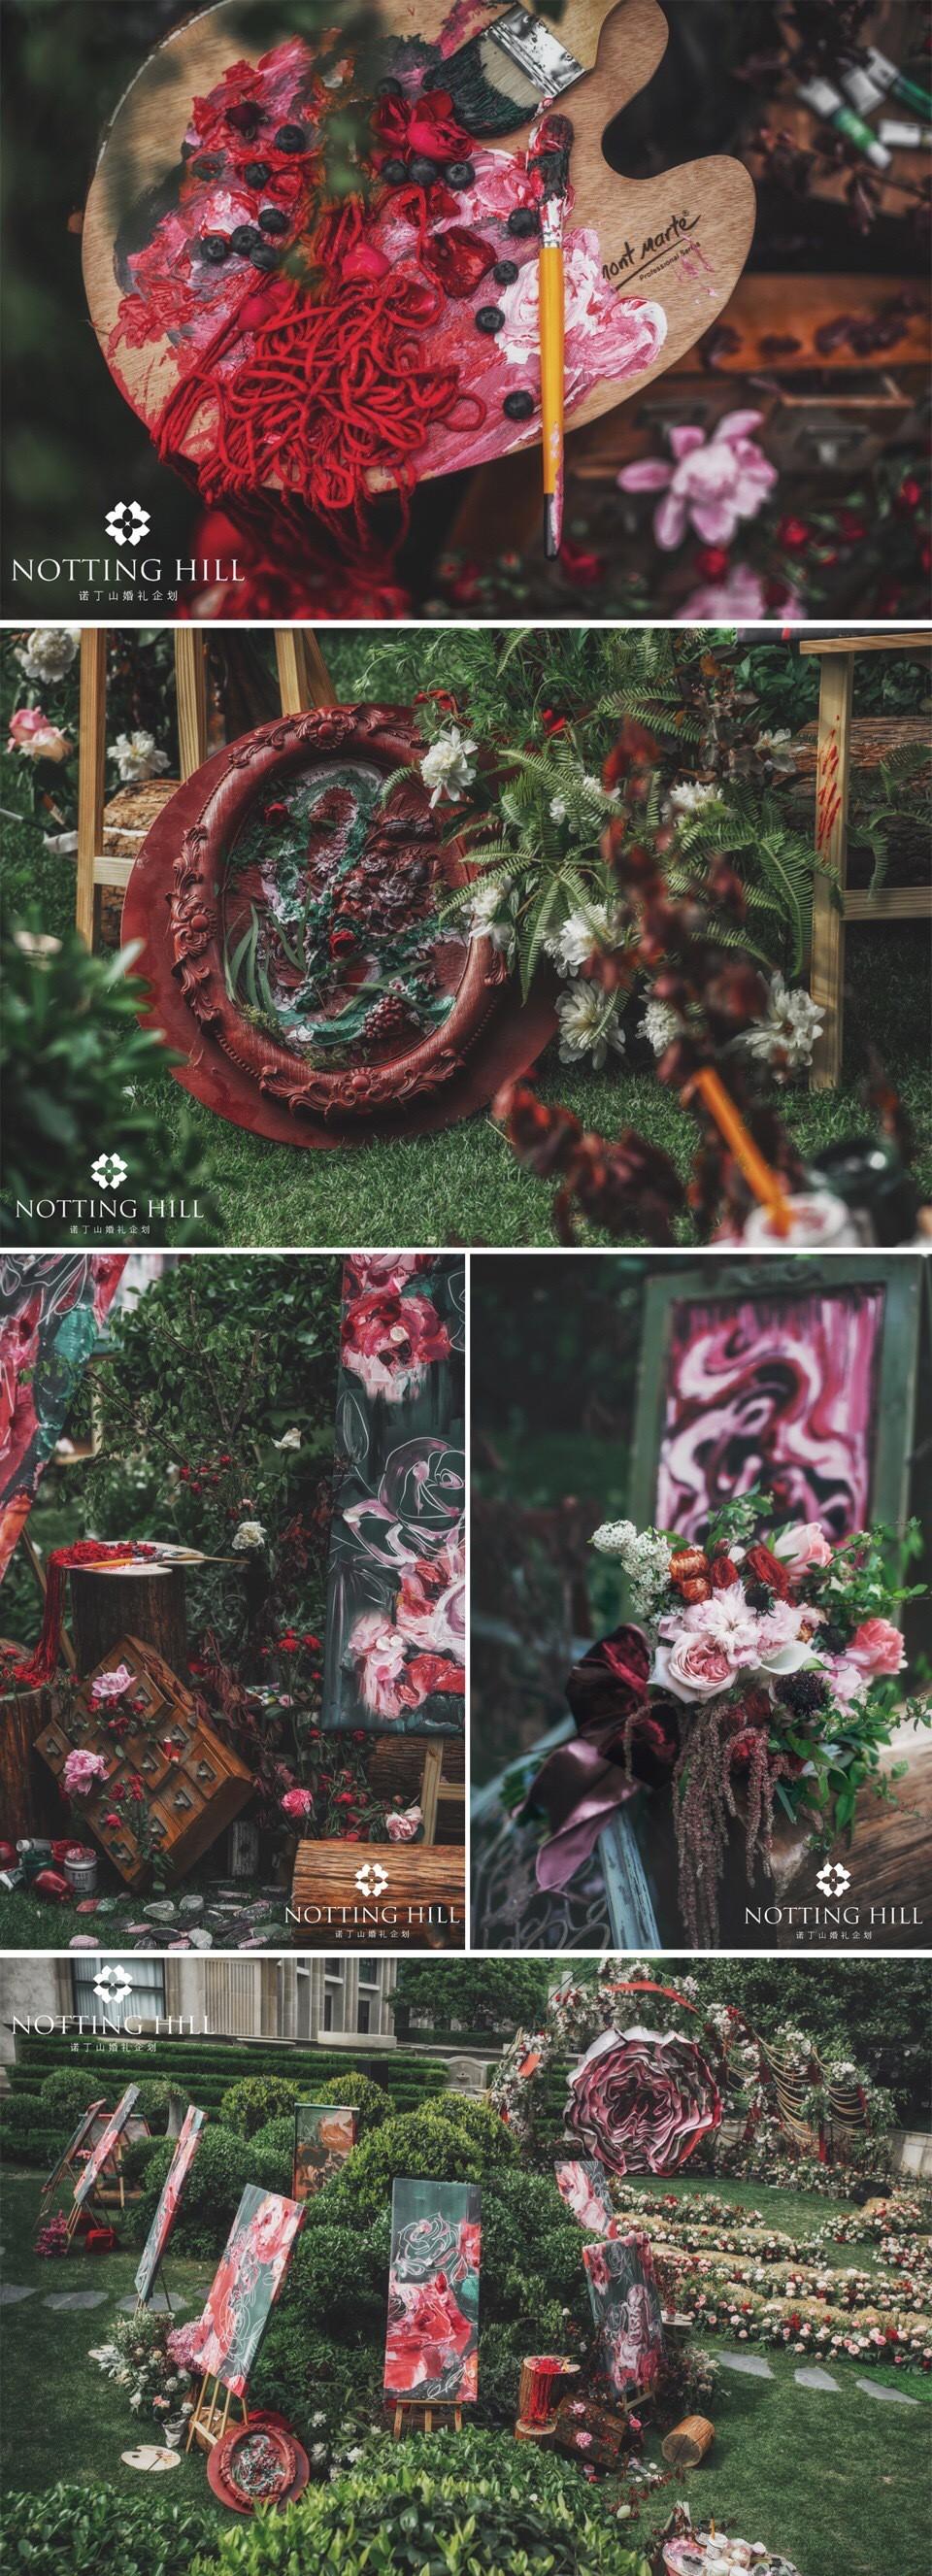 Câu chuyện ngôn tình và đám cưới như mơ của mỹ nữ được mệnh danh là chị đẹp trên Tik Tok Trung Quốc - Ảnh 18.